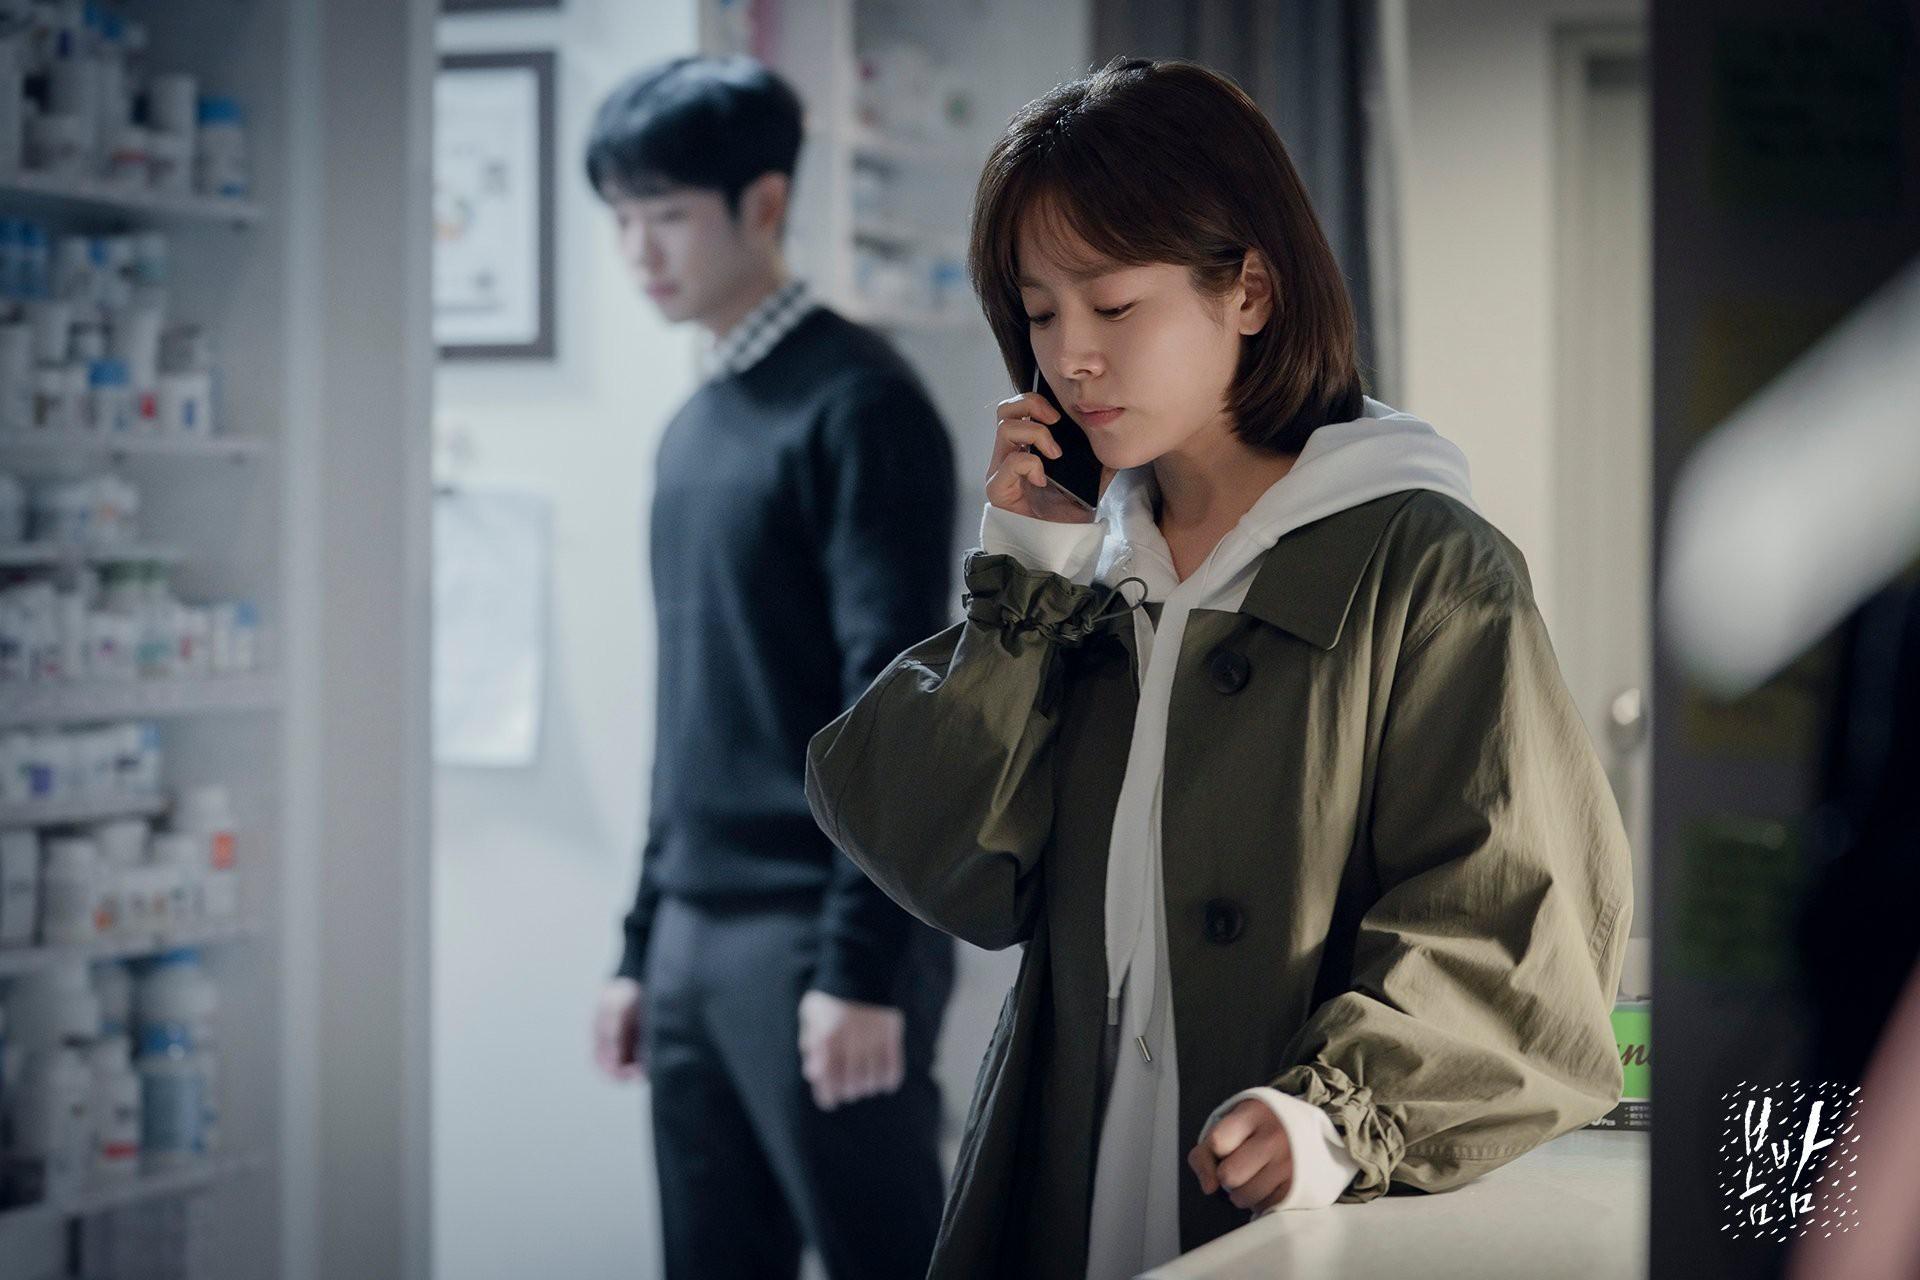 VZN News: Lạ đời xu hướng cổ xuý ngoại tình ở phim Hàn gần đây: Chưa bao giờ có nhiều sự đồng cảm với tiểu tam như thế? - Ảnh 10.